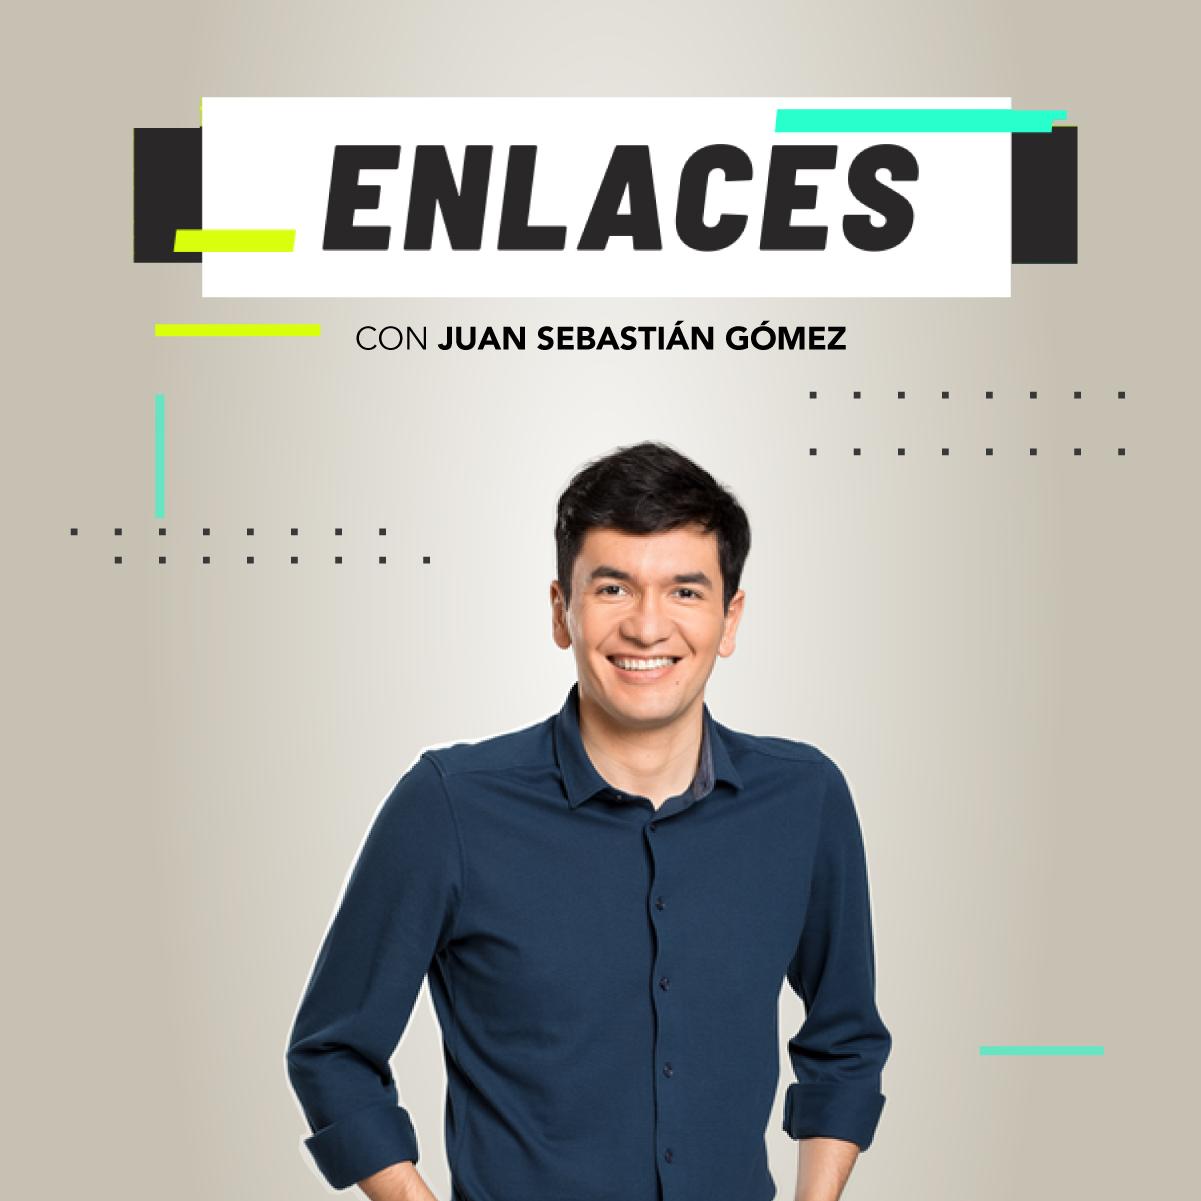 Enlaces con Juan Sebastián Gómez